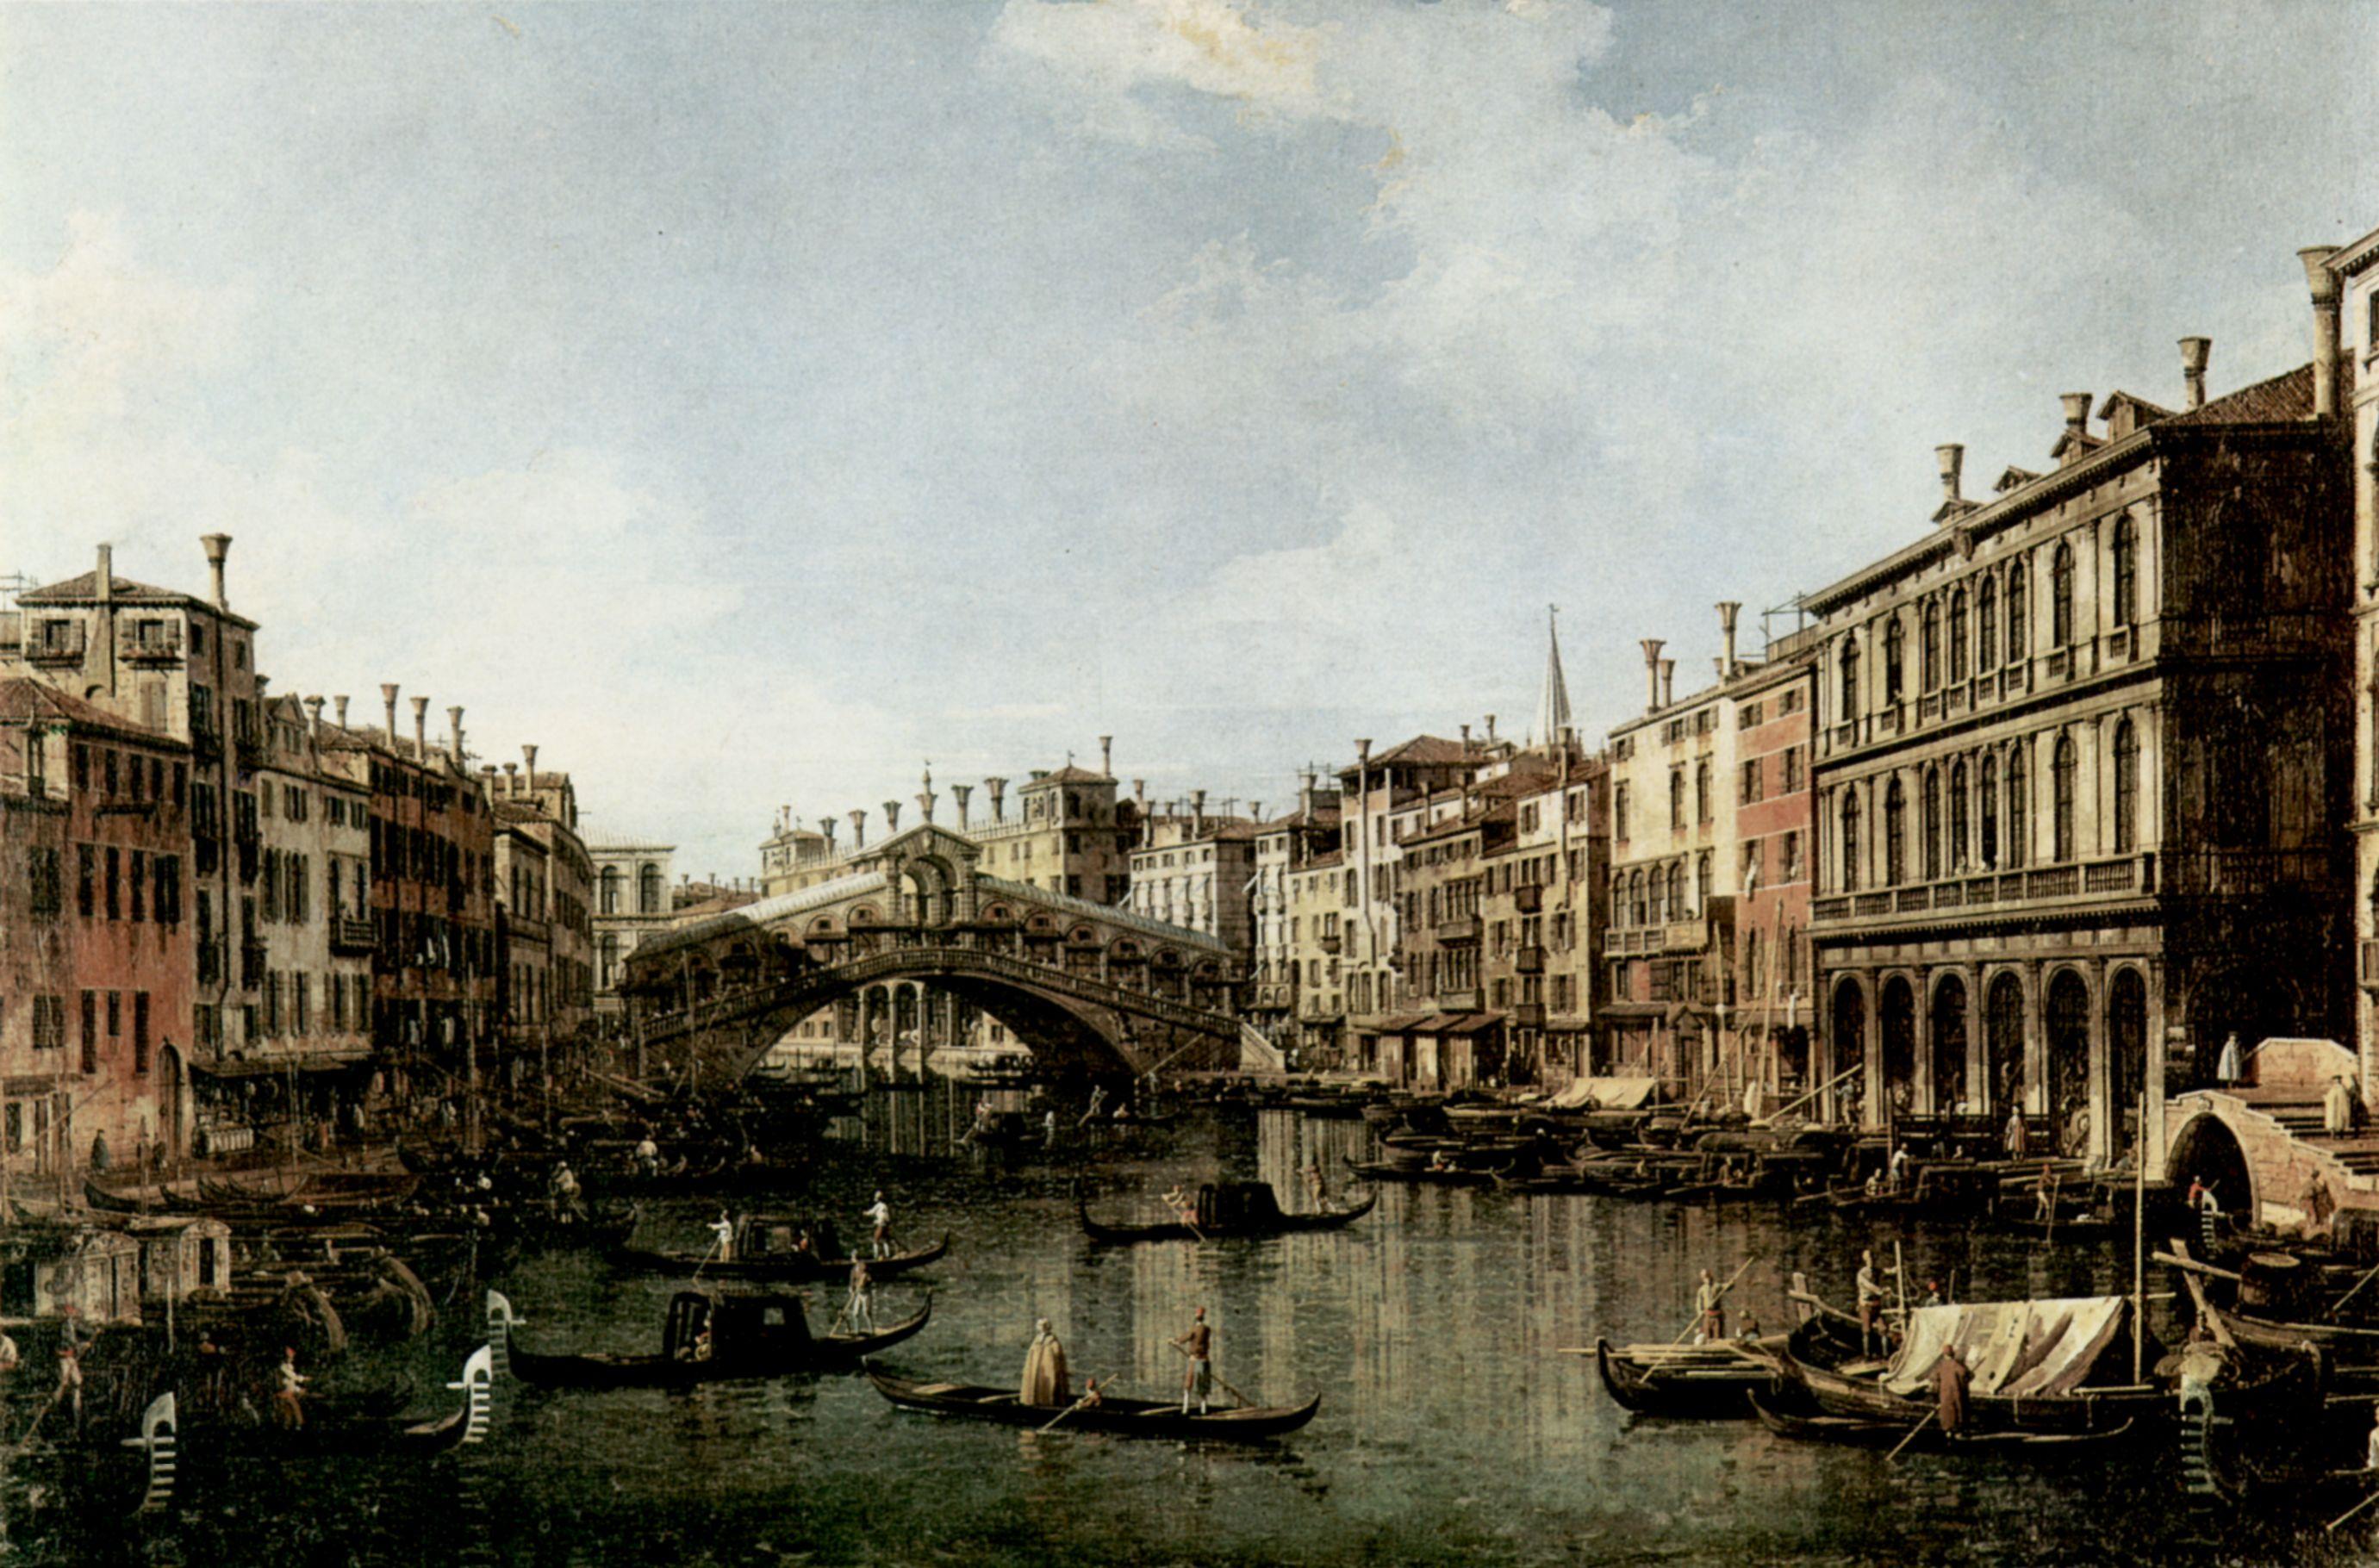 Мост Риальто с южной стороны - Canalletto фото